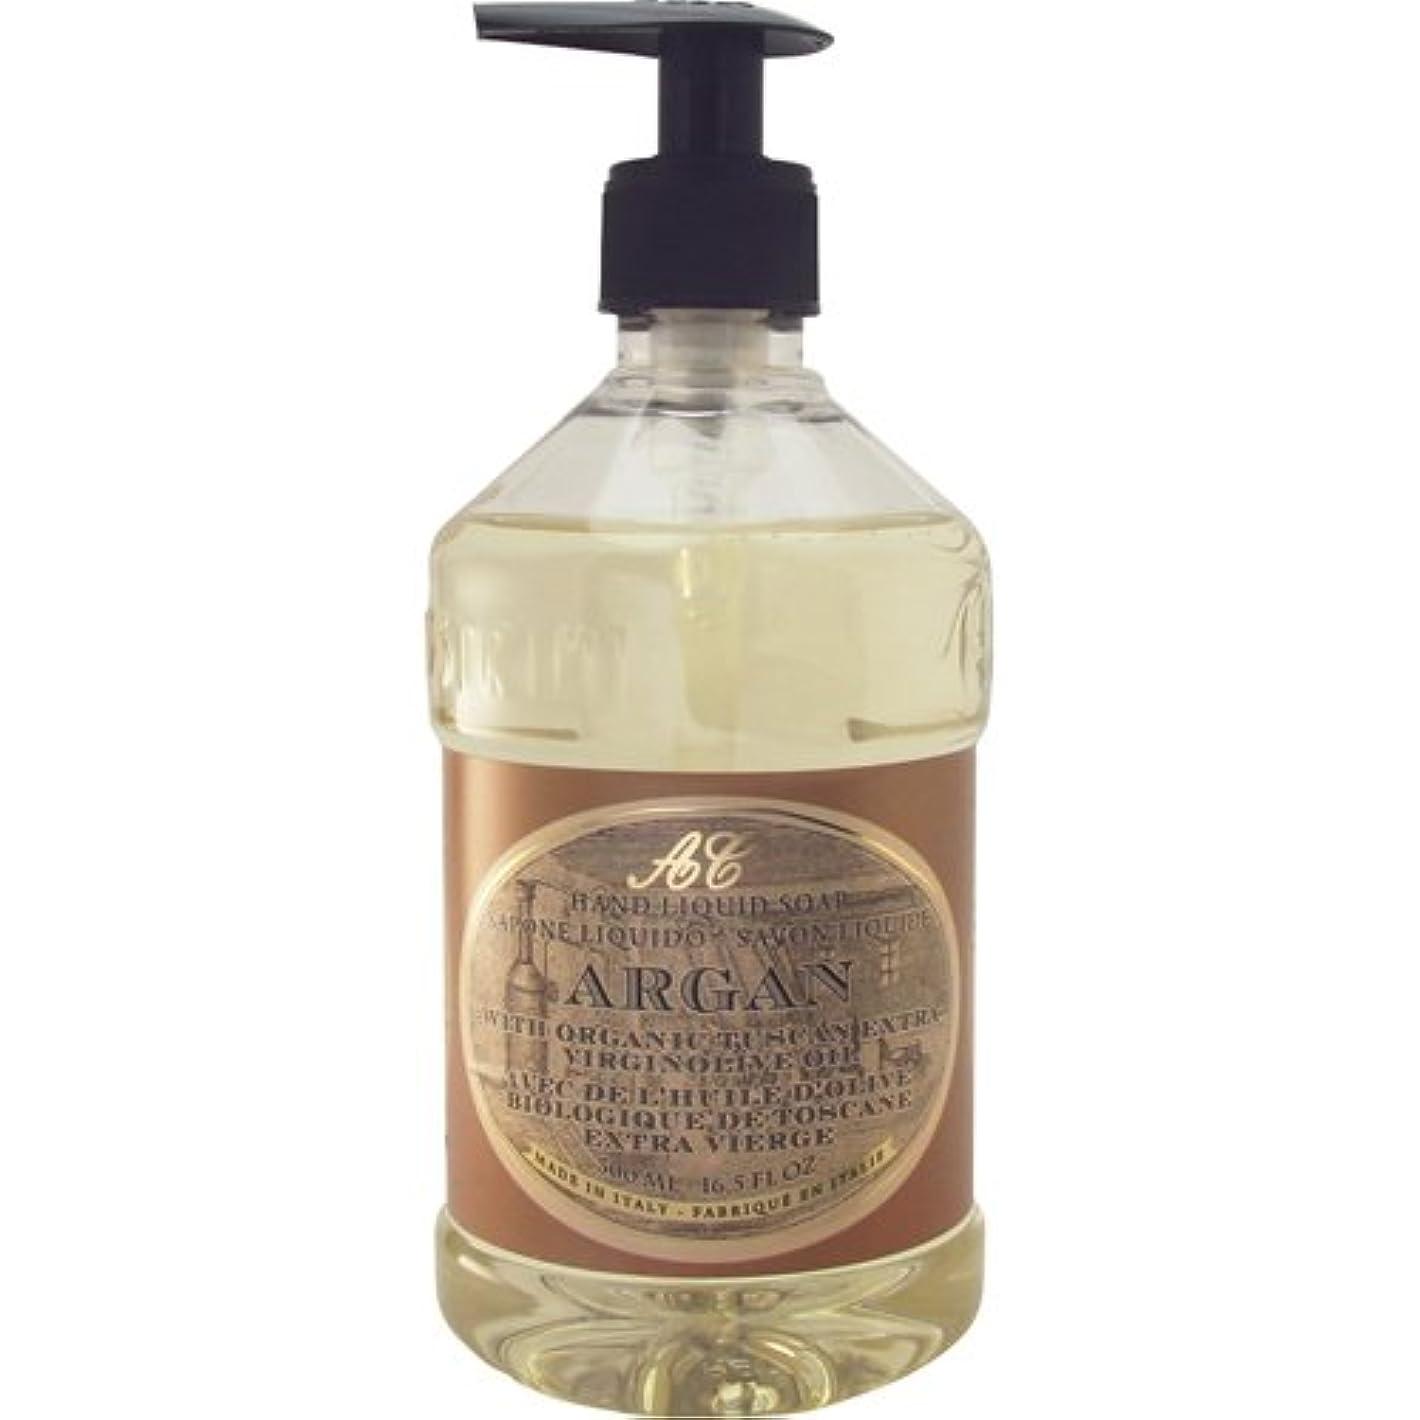 谷再撮りアパートSaponerire Fissi レトロシリーズ Liquid Soap リキッドソープ 500ml Argan アルガンオイル